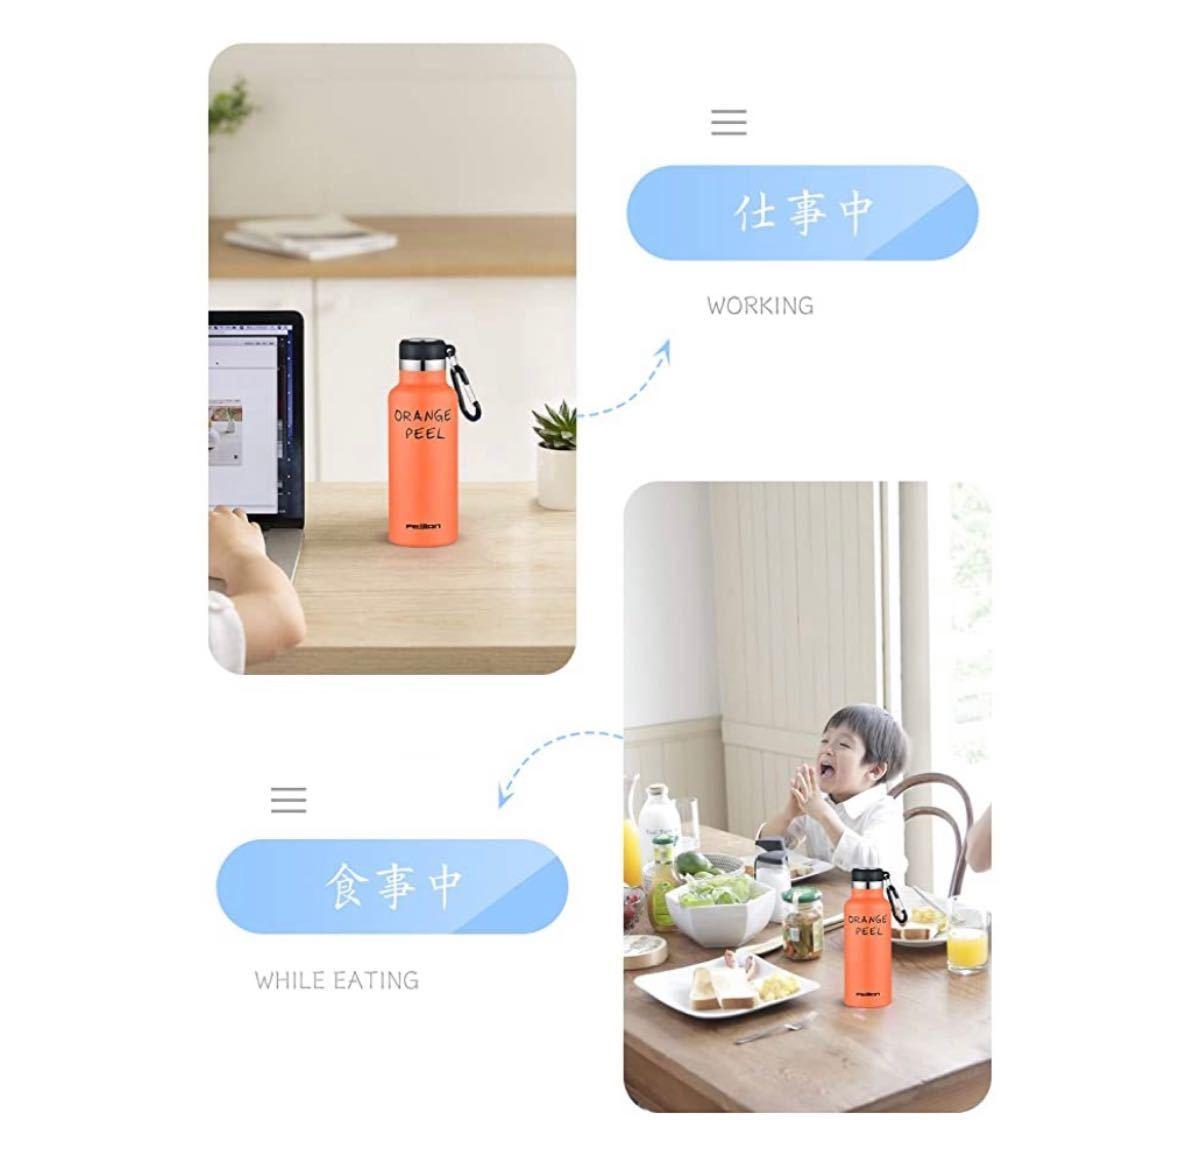 FEIJIAN 水筒 真空断熱 保温 保冷 スポーツボトル 水分補給 オレンジ 500ML